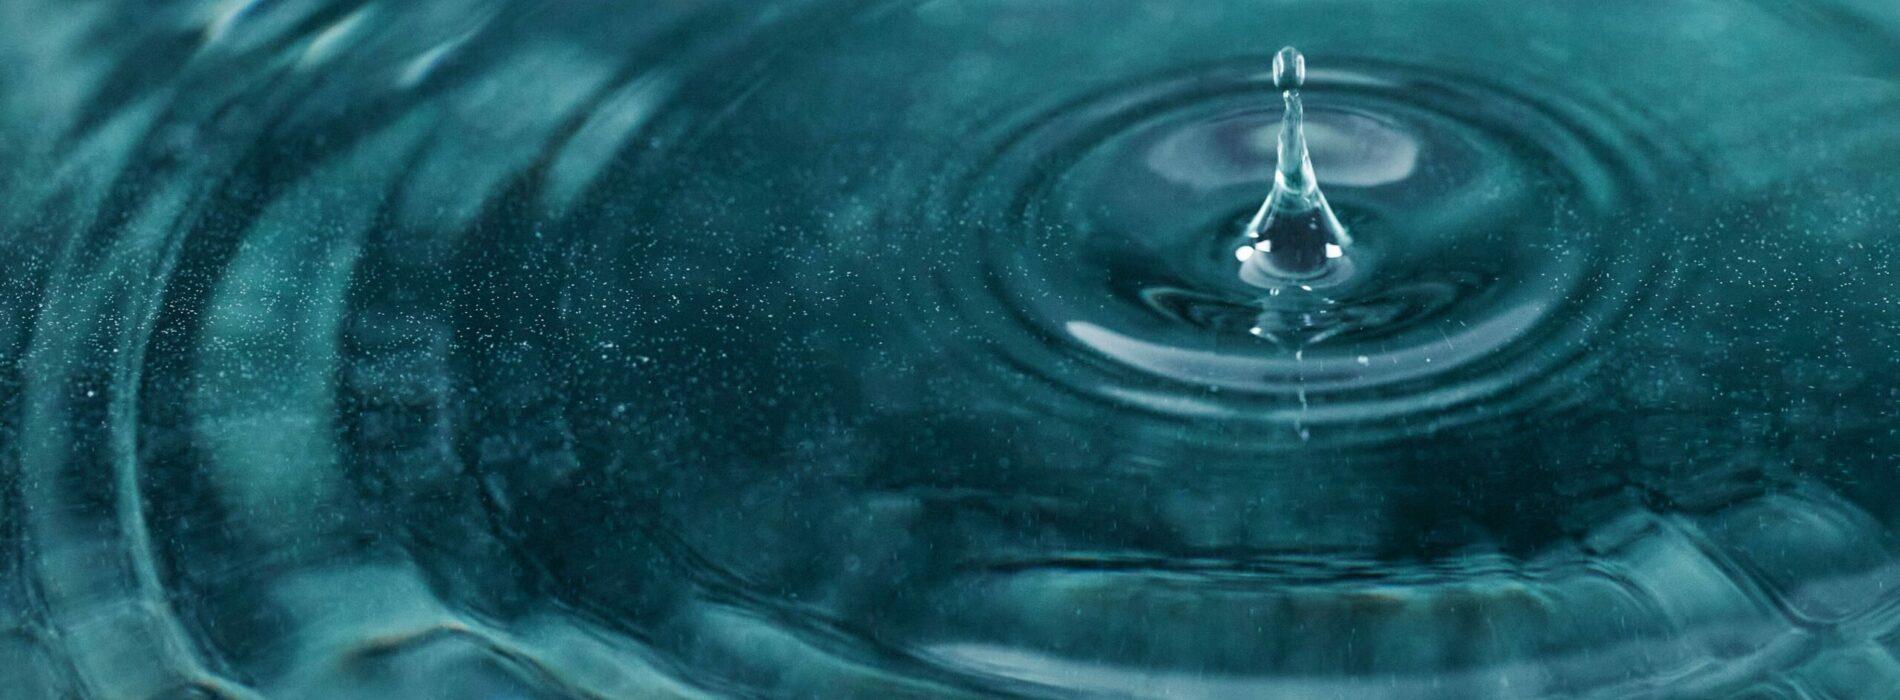 Zasady działania agregatu wody lodowej oraz jego zastosowanie